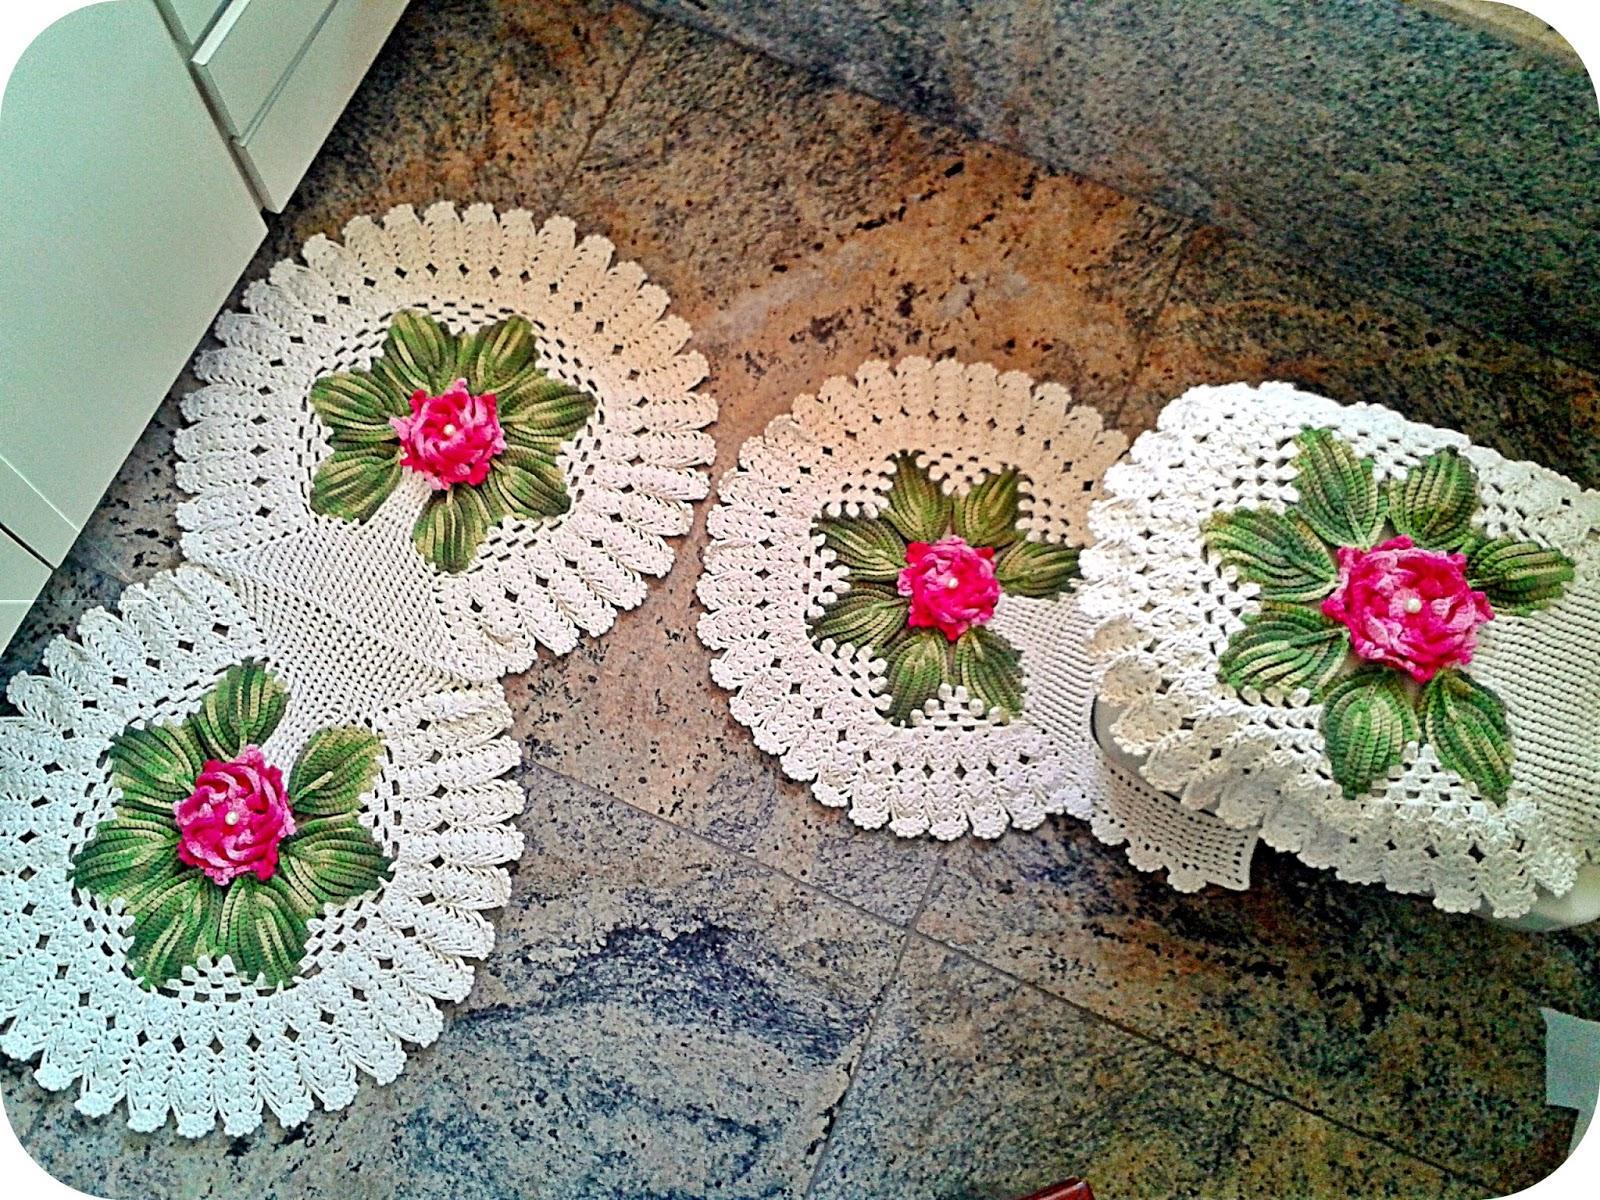 Tapetes diferentes de crochê (Foto: Divulgação)